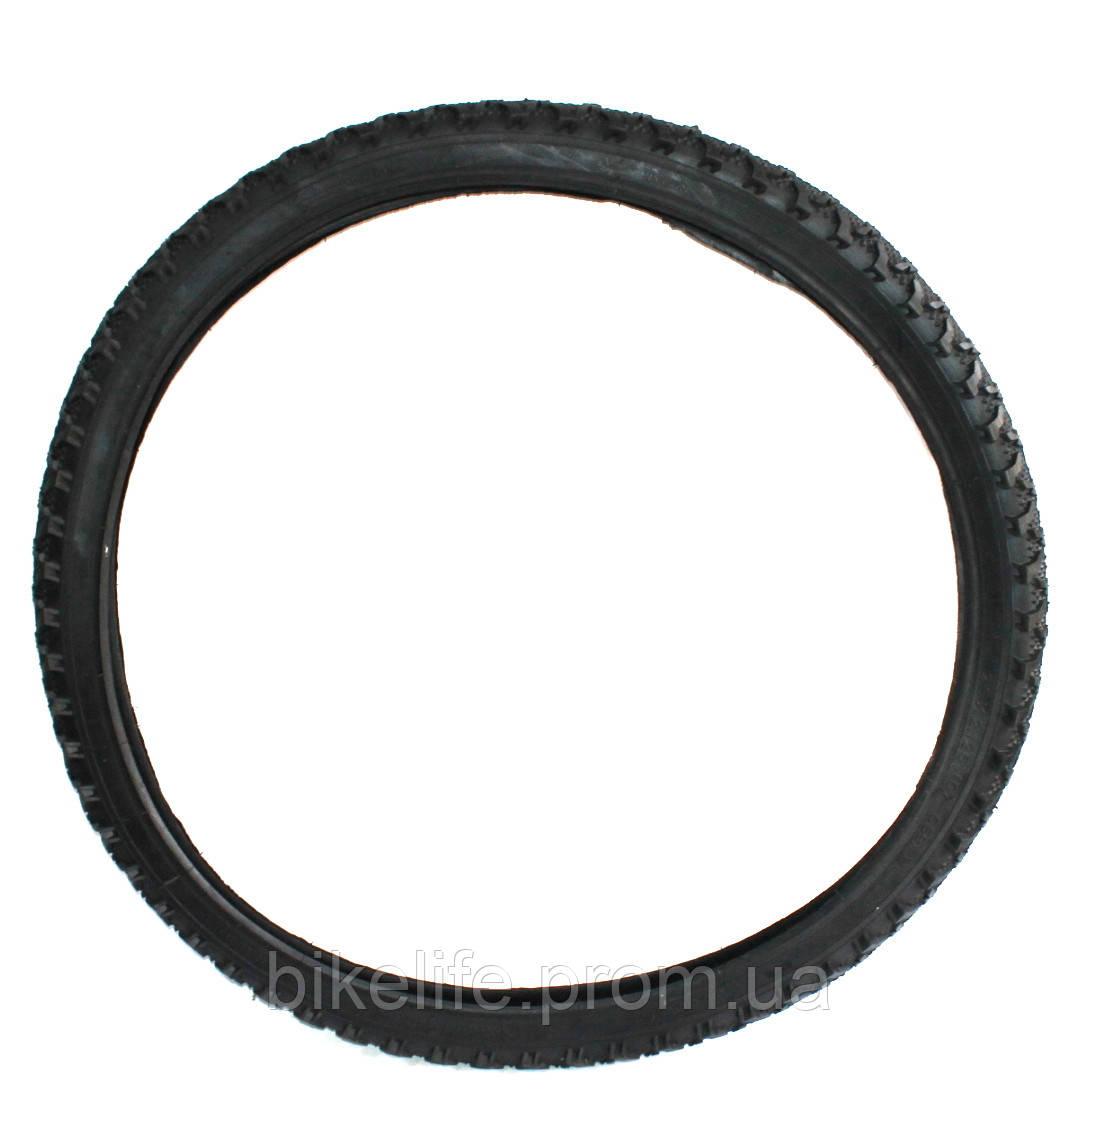 Вело-покрышка (шина) WANDA 26*2.125